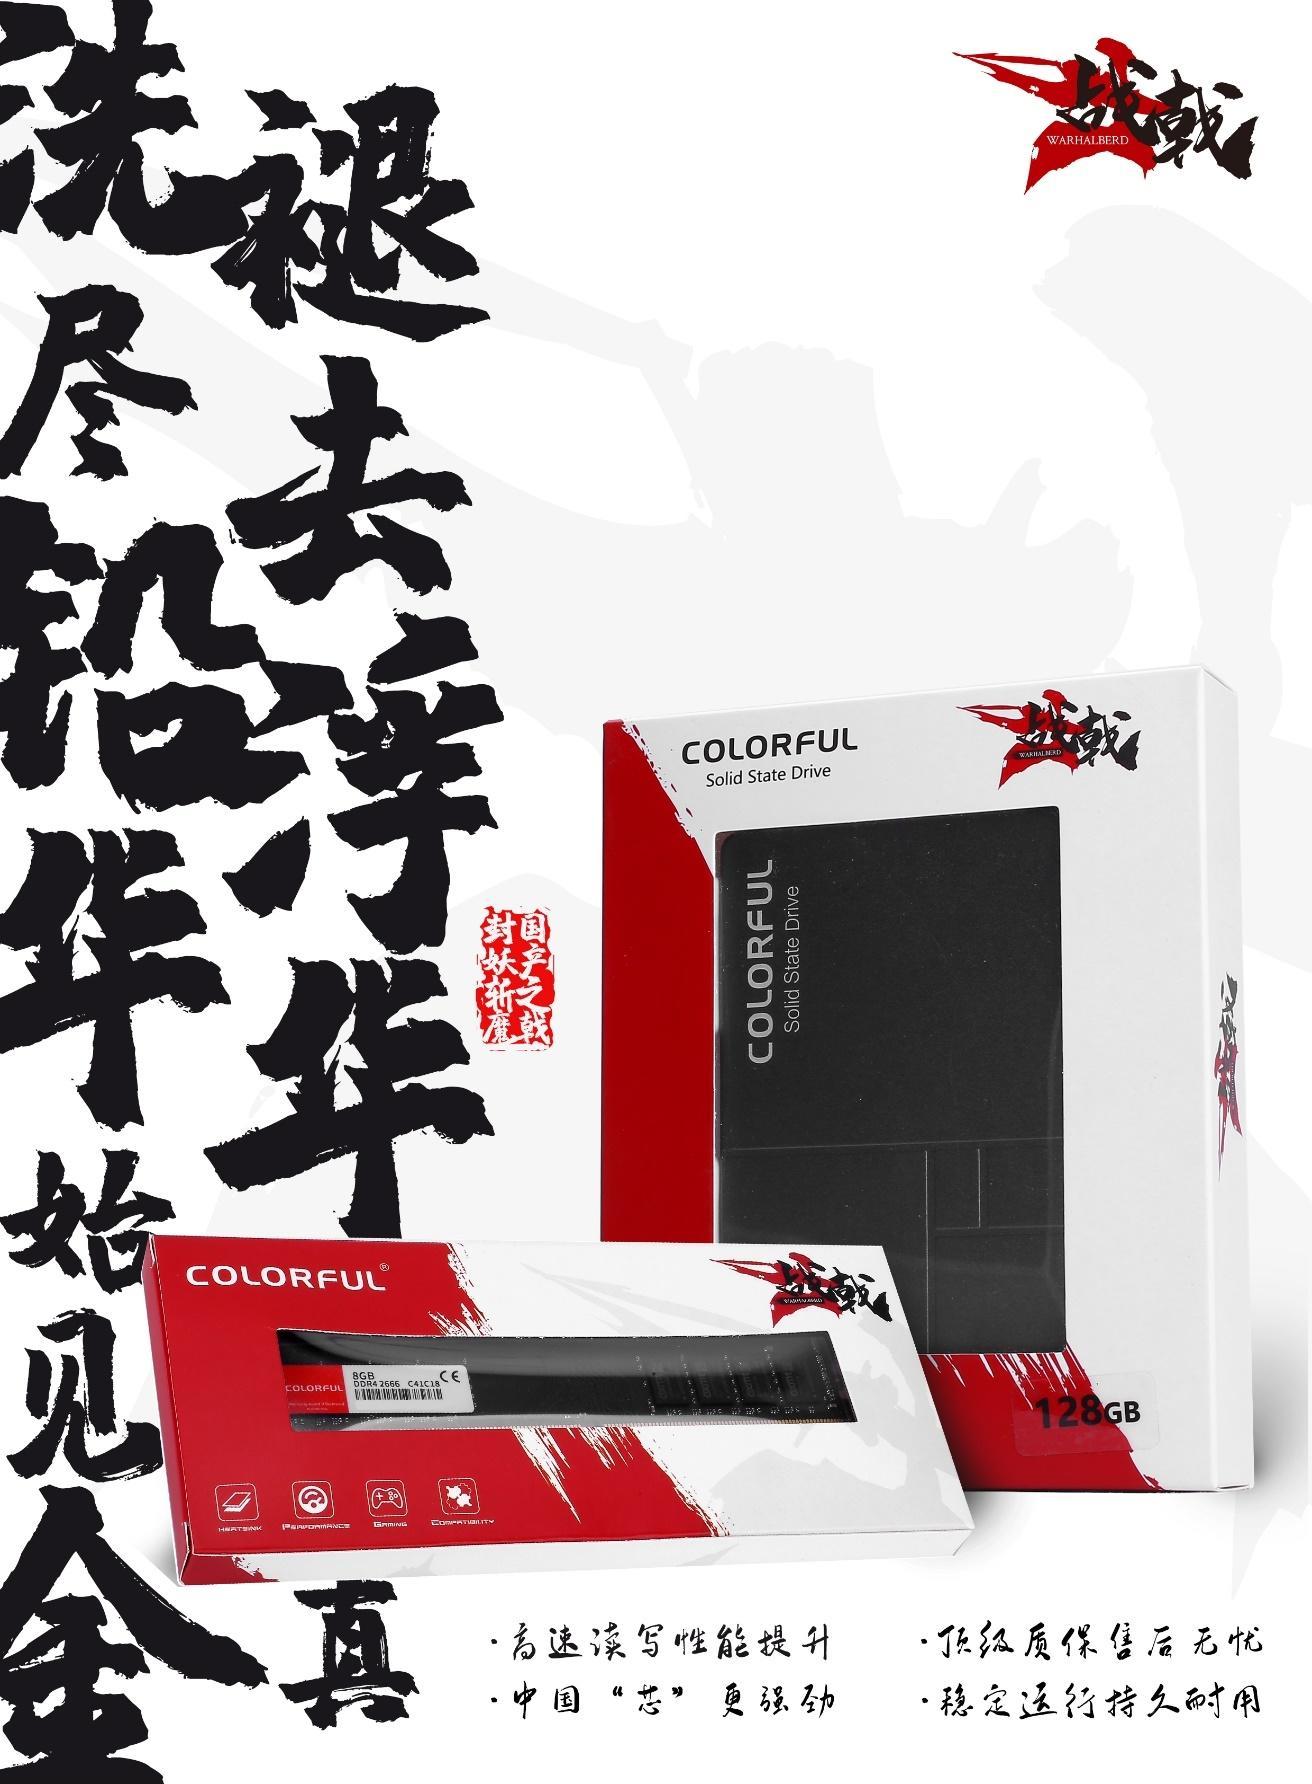 传统1/10大小,七彩虹发布最小的mini SSD硬盘:性能首次公开